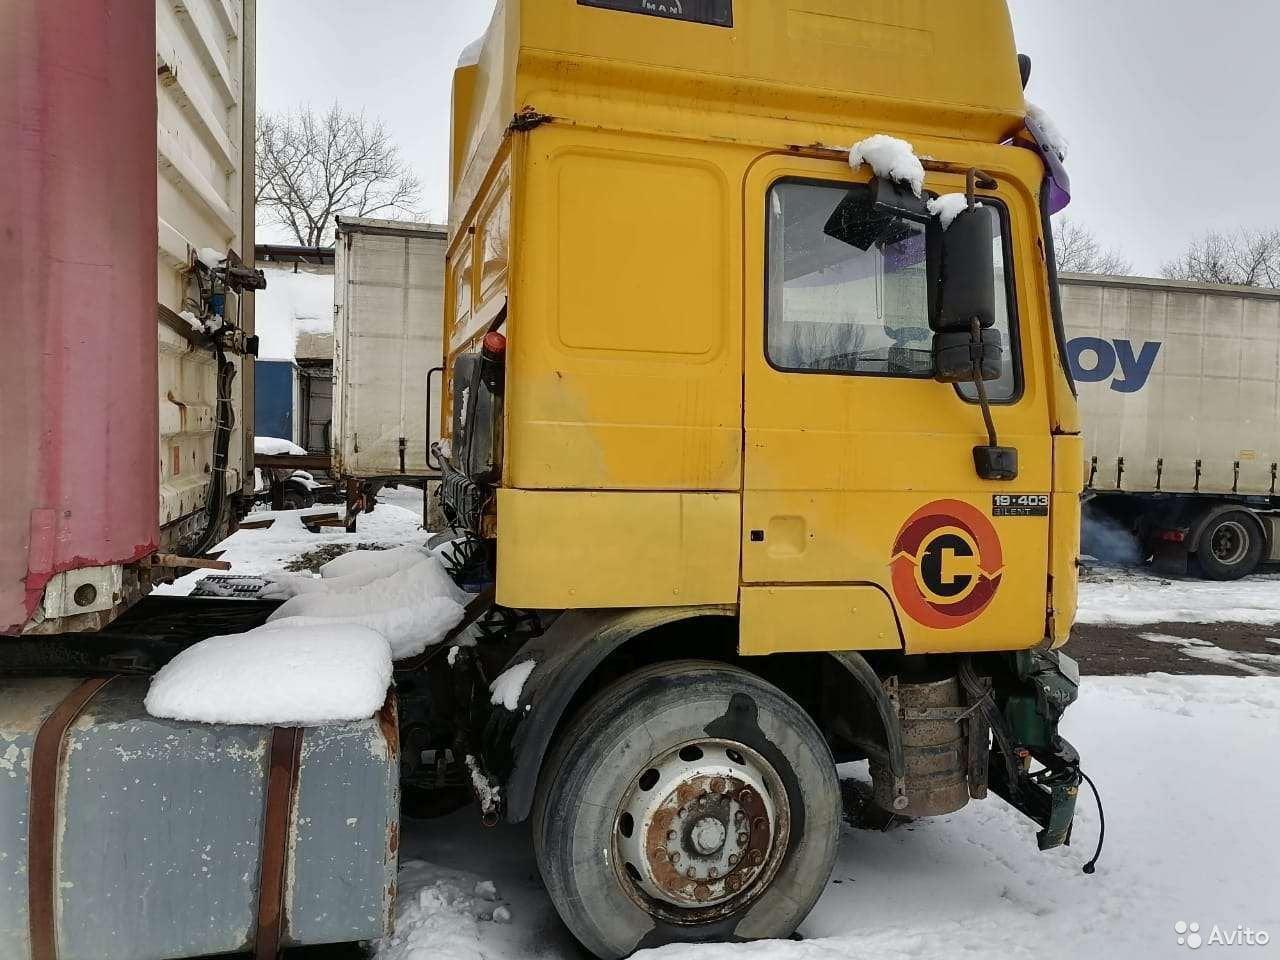 MAN-tweede-leven-in-Rusland-(1)